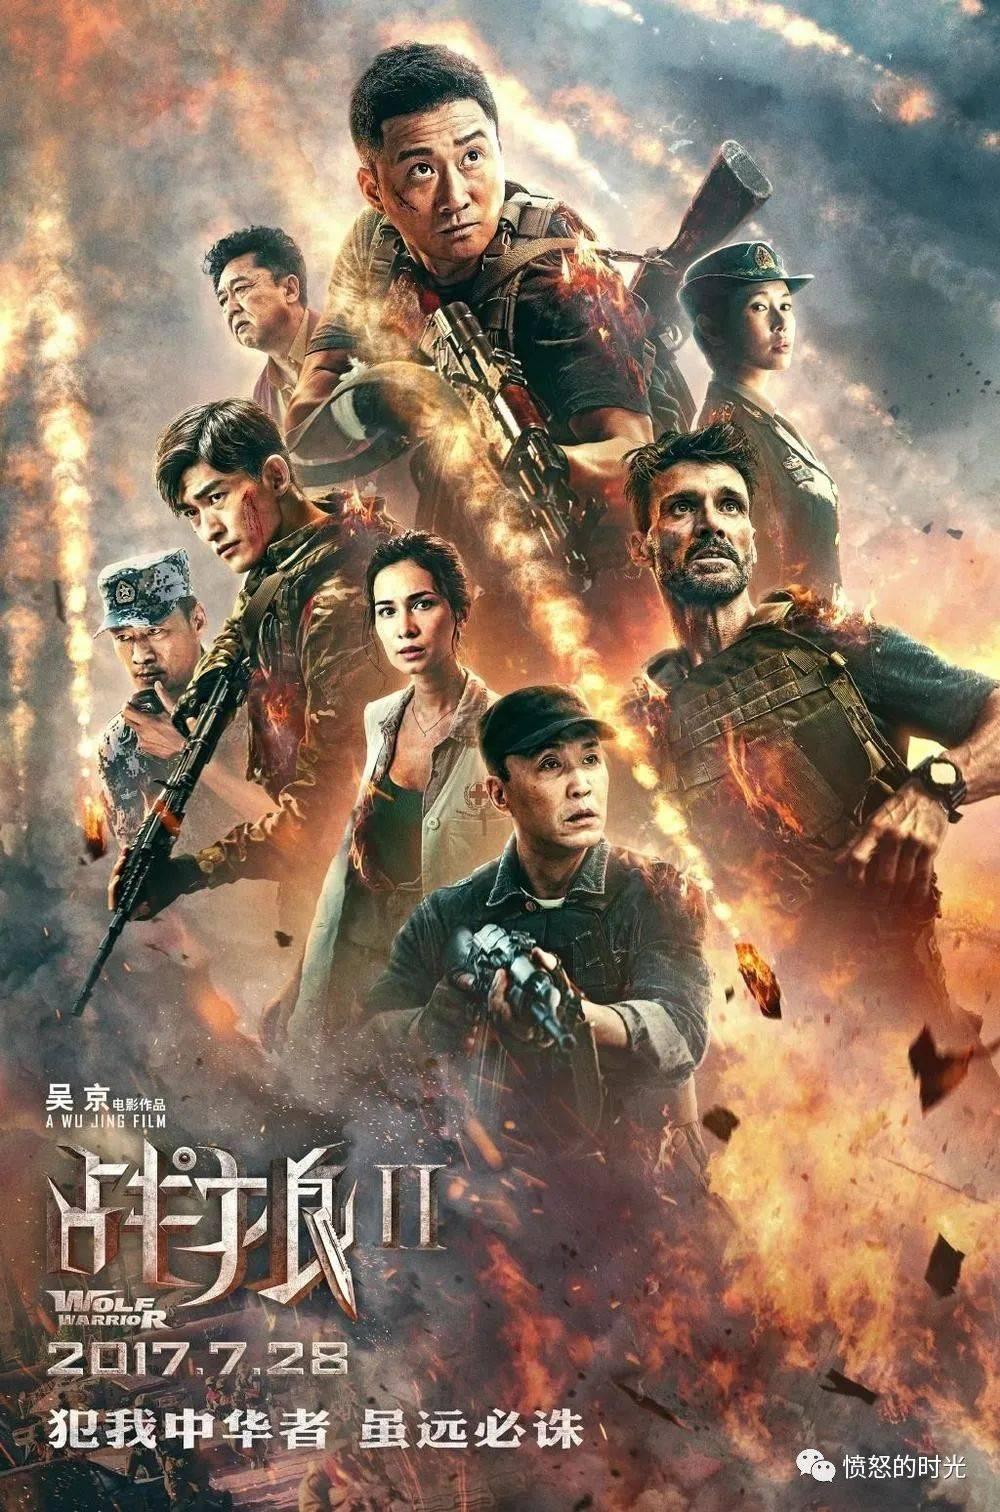 吴京新片定档,投资13亿的战争大片,能否再创票房奇迹?